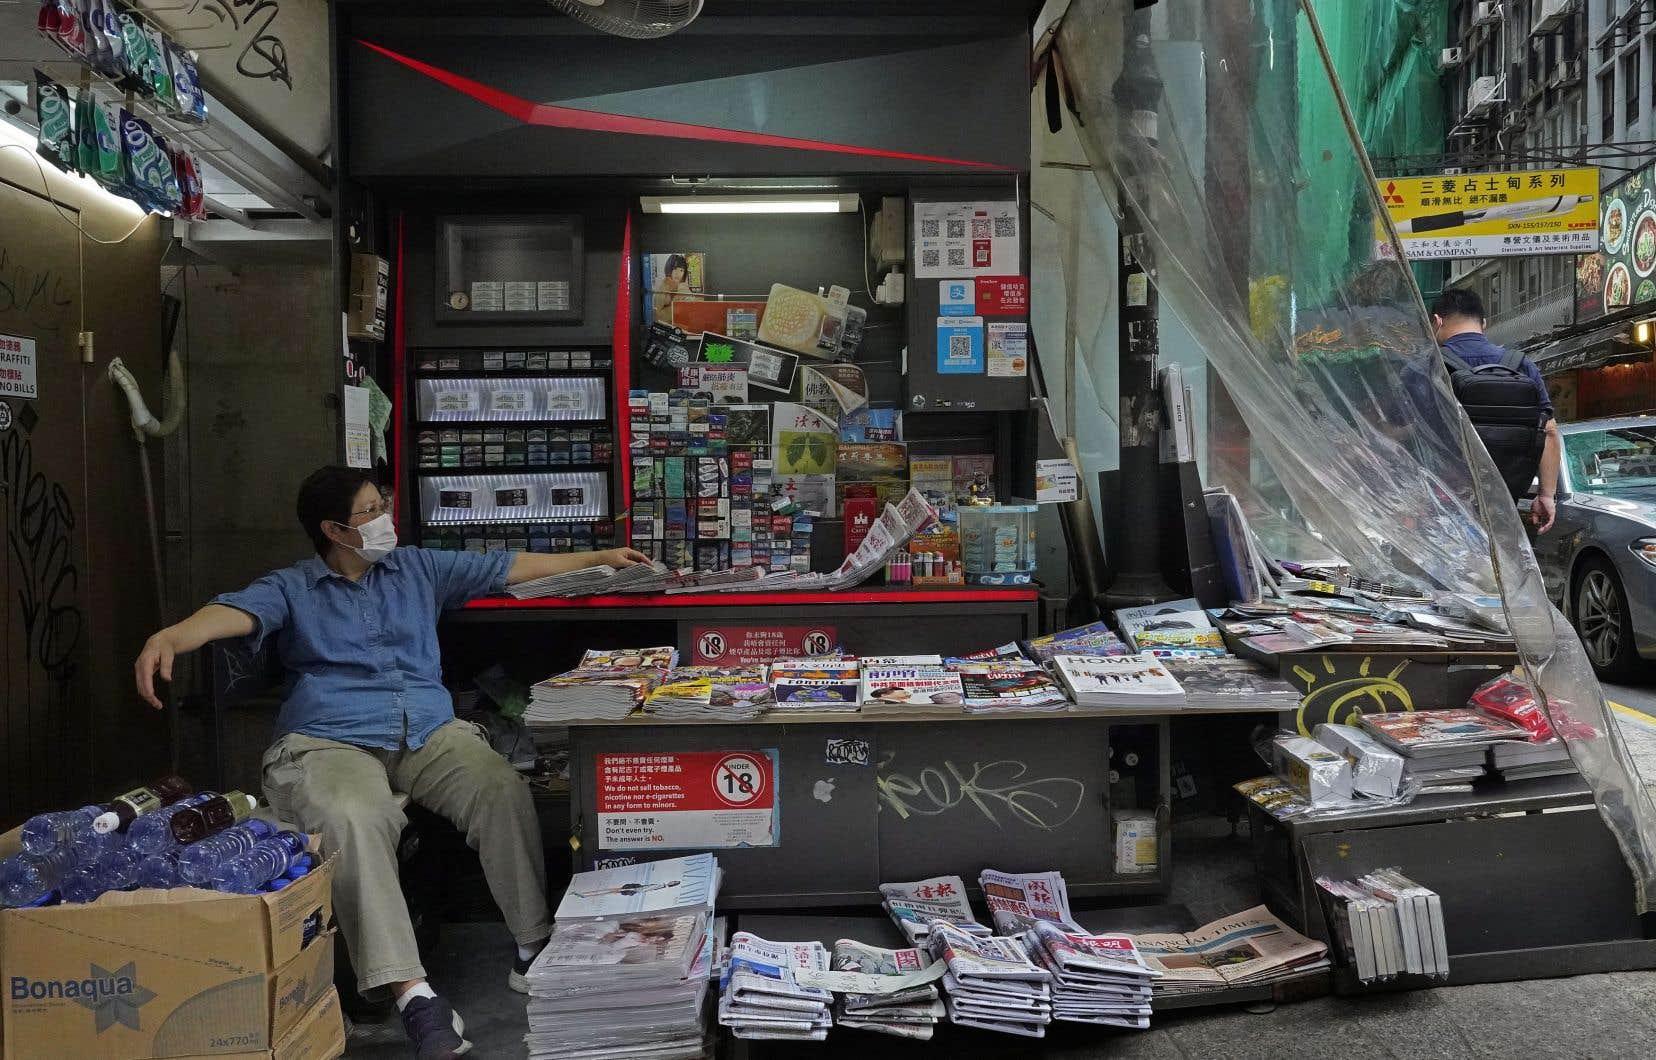 La crise risque de mettre à genoux économiquement de nombreux médias, menaçant leur indépendance.